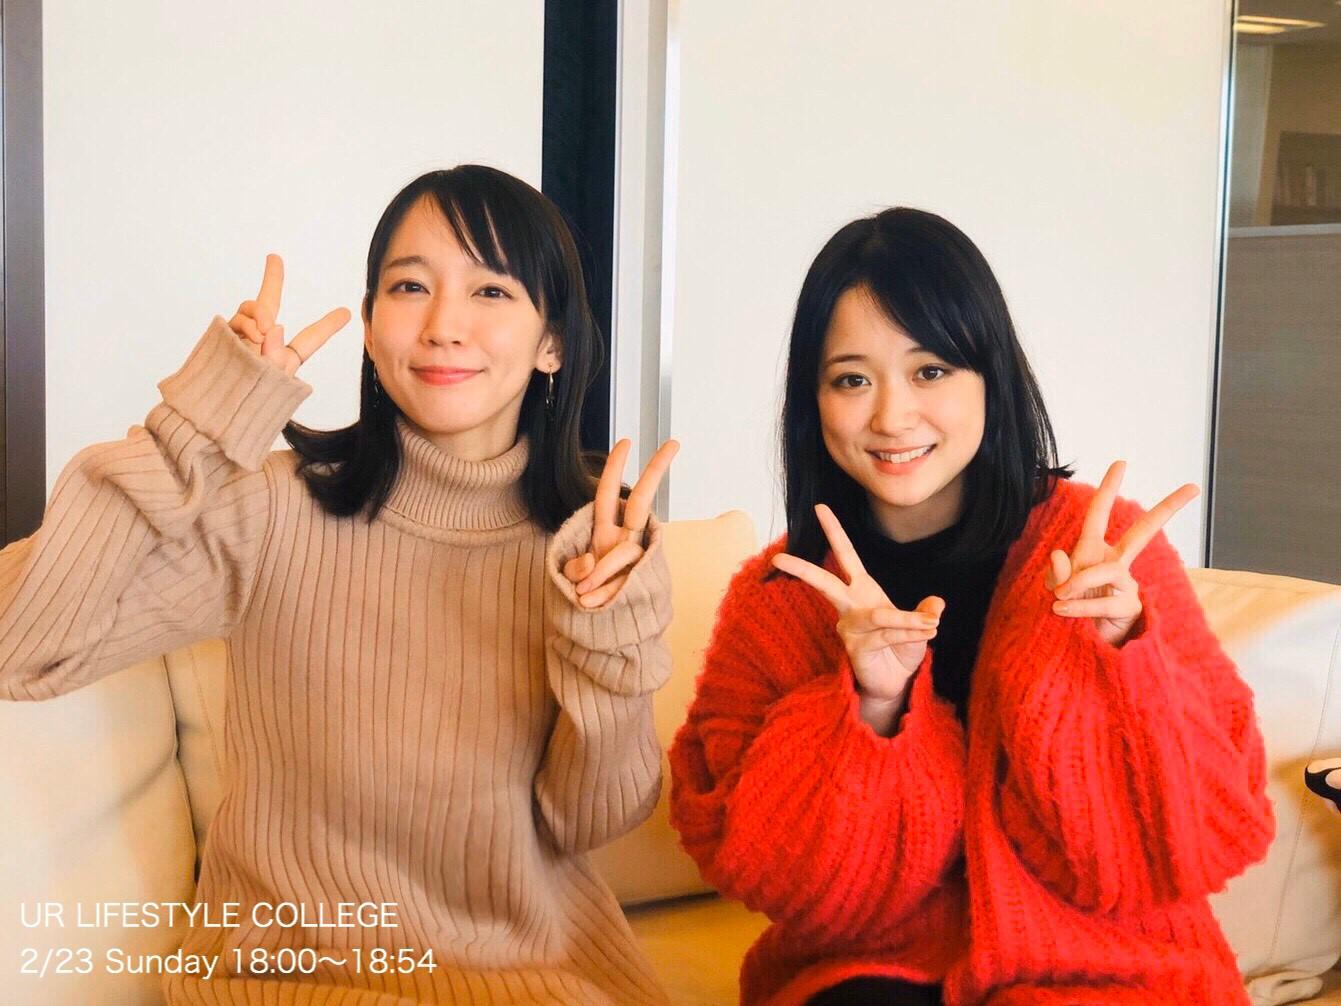 大原櫻子×吉岡里帆、プライベートでも交流のある二人がJ-WAVE『UR LIFESTYLE COLLEGE』で対談